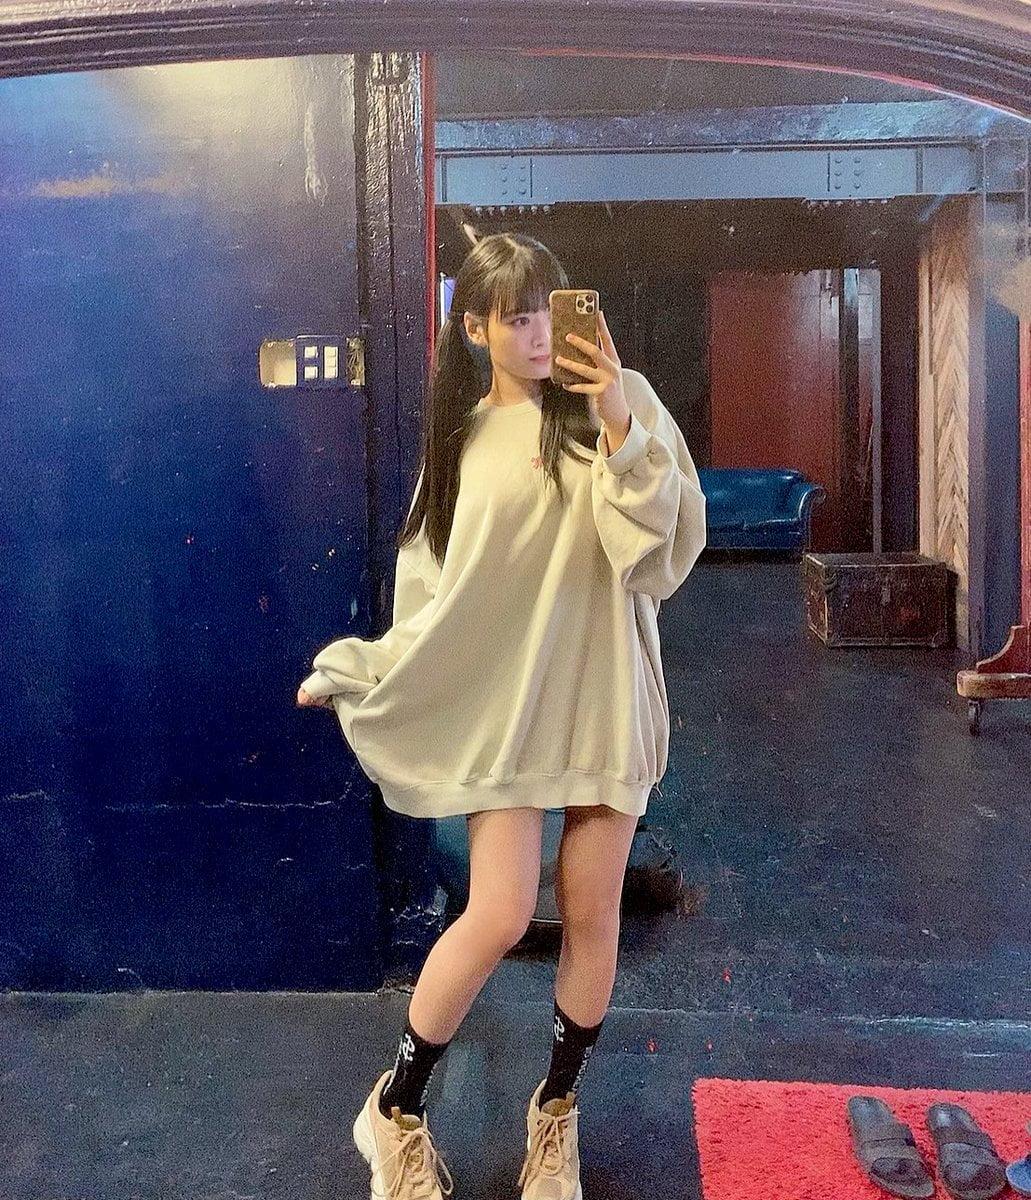 グラビアアイドル写真集 家トレでさらに桃尻でジューシーになった東雲うみ超高画質グラビア画像まとめ2 100枚